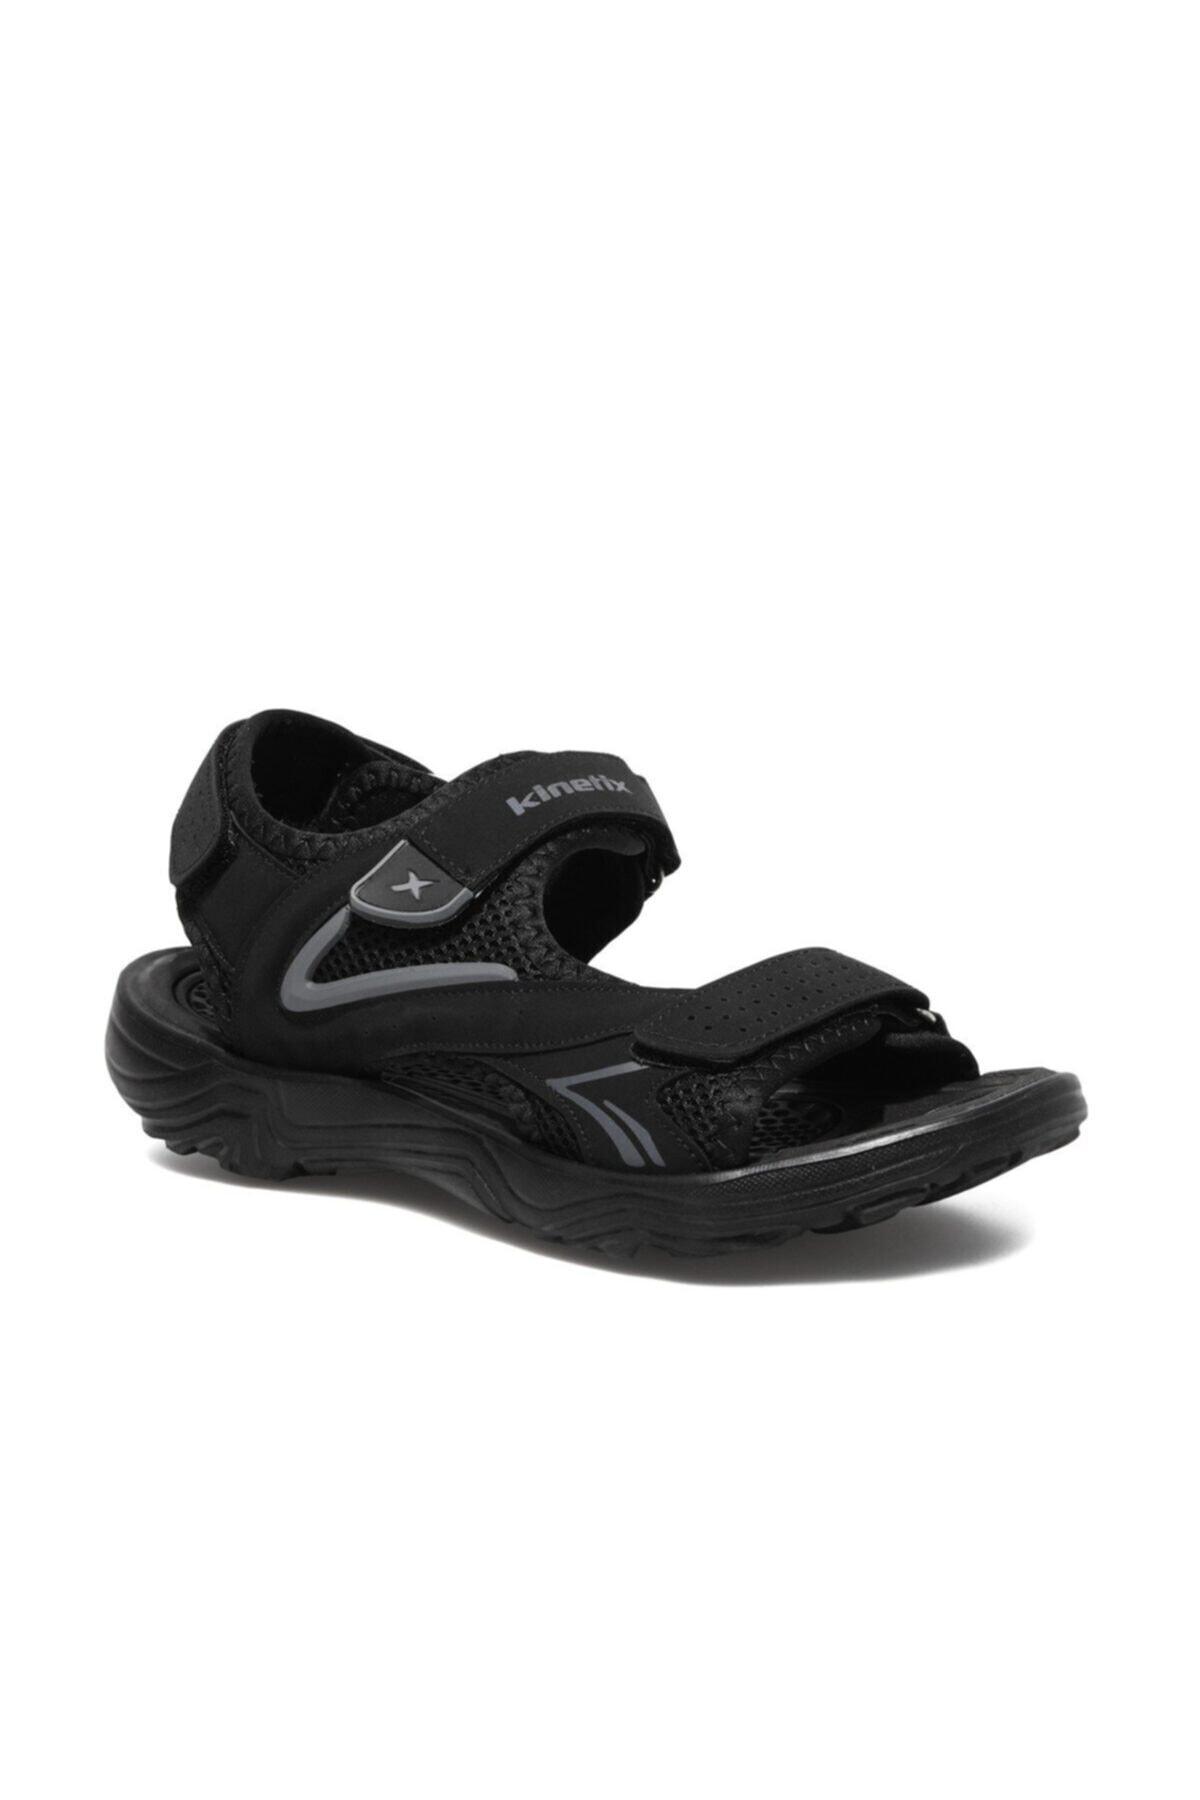 Sancho 1fx Siyah Erkek Sandalet